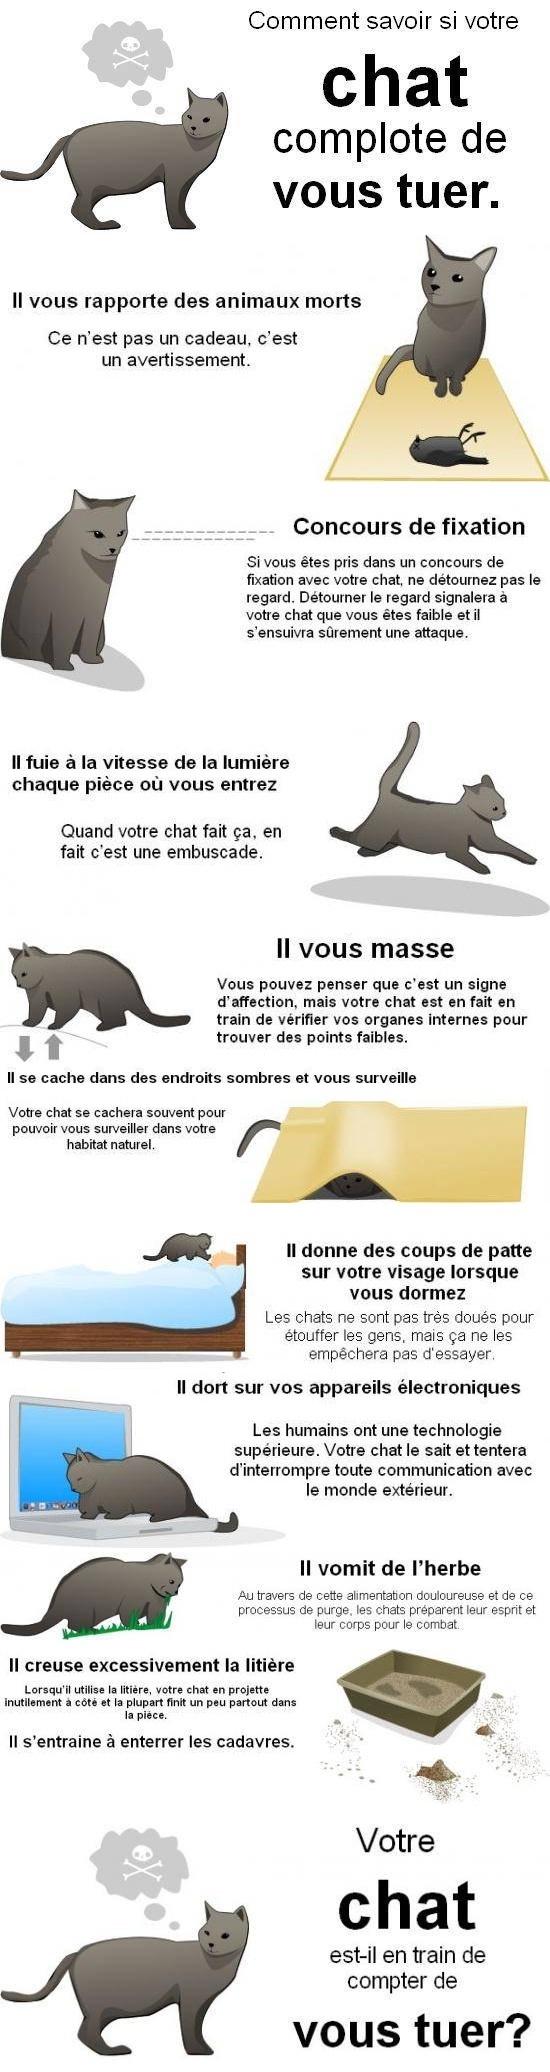 Verifier si votre chat projette de vous tuer